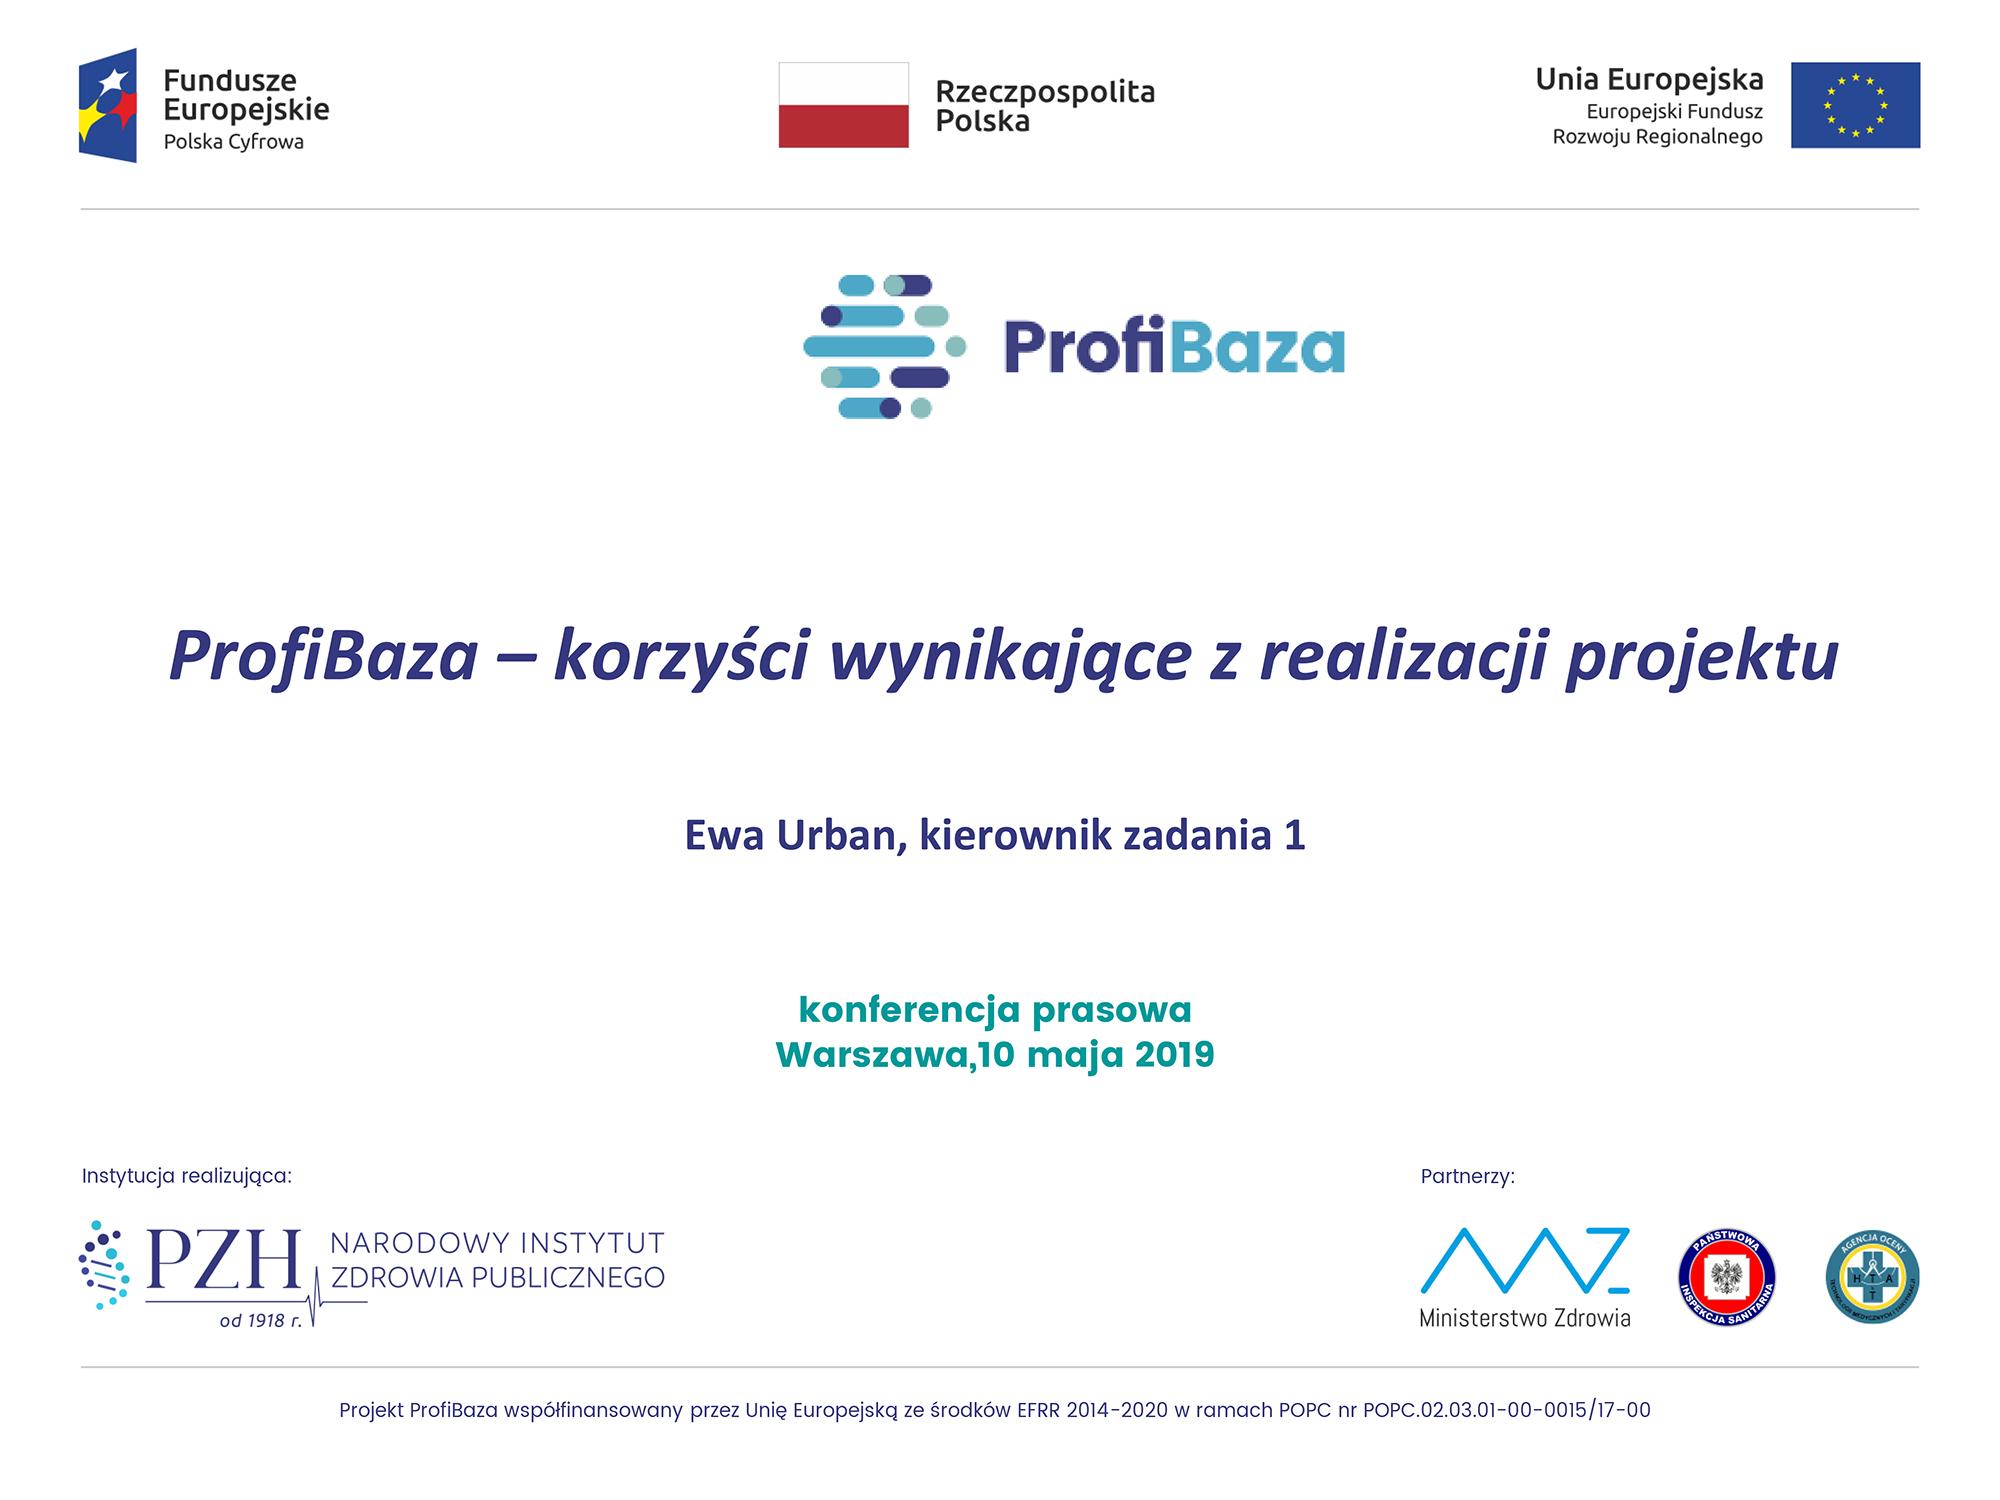 ProfiBaza - korzyści wynikające z realizacji projektu